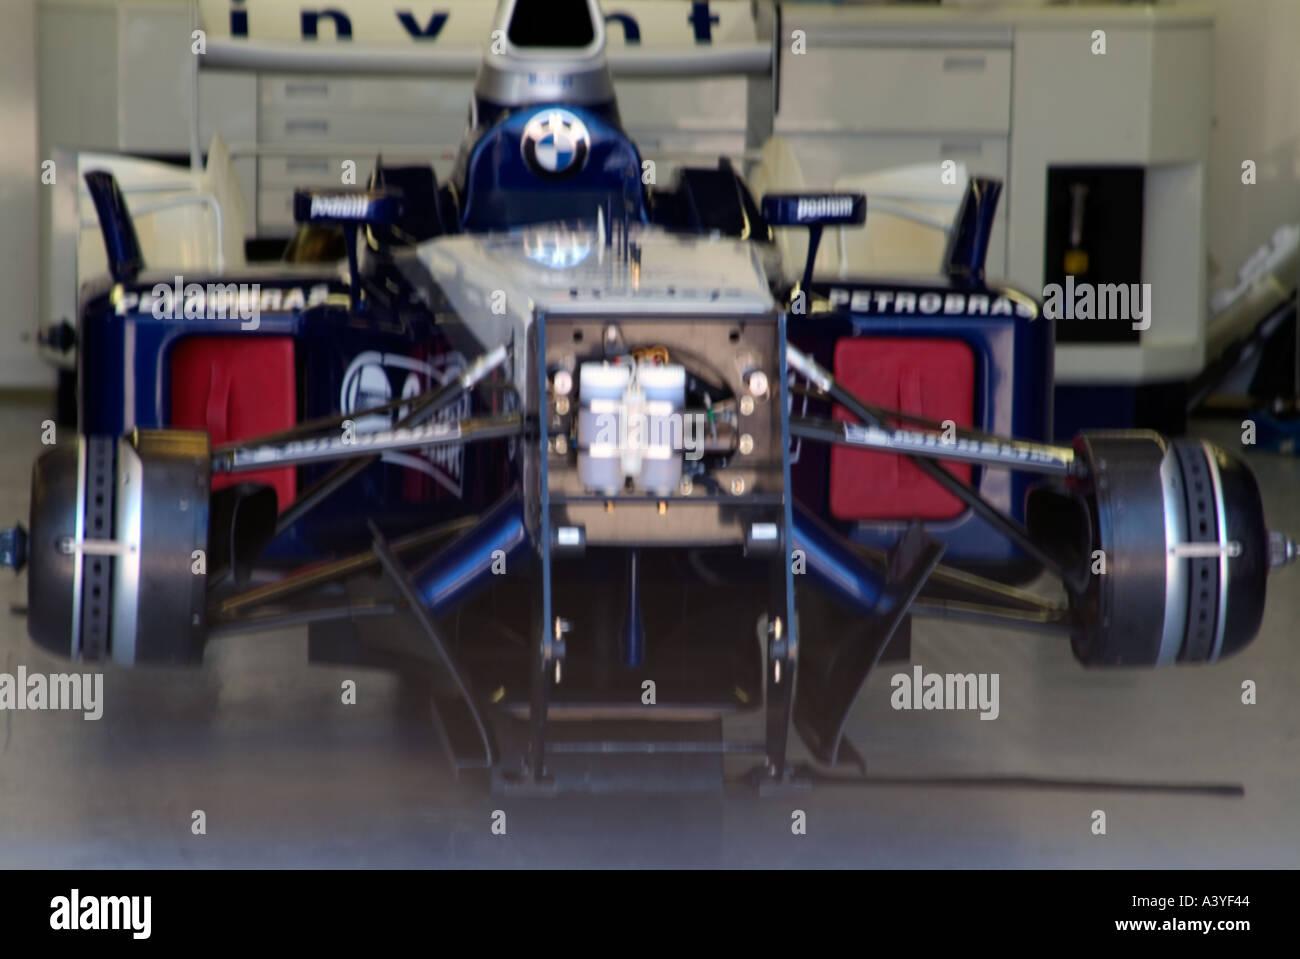 voiture de course de formule 1 lintrieur de la voie des stands avant garage vue corps gilles villeneuve grand prix race track montral canada juin 2004